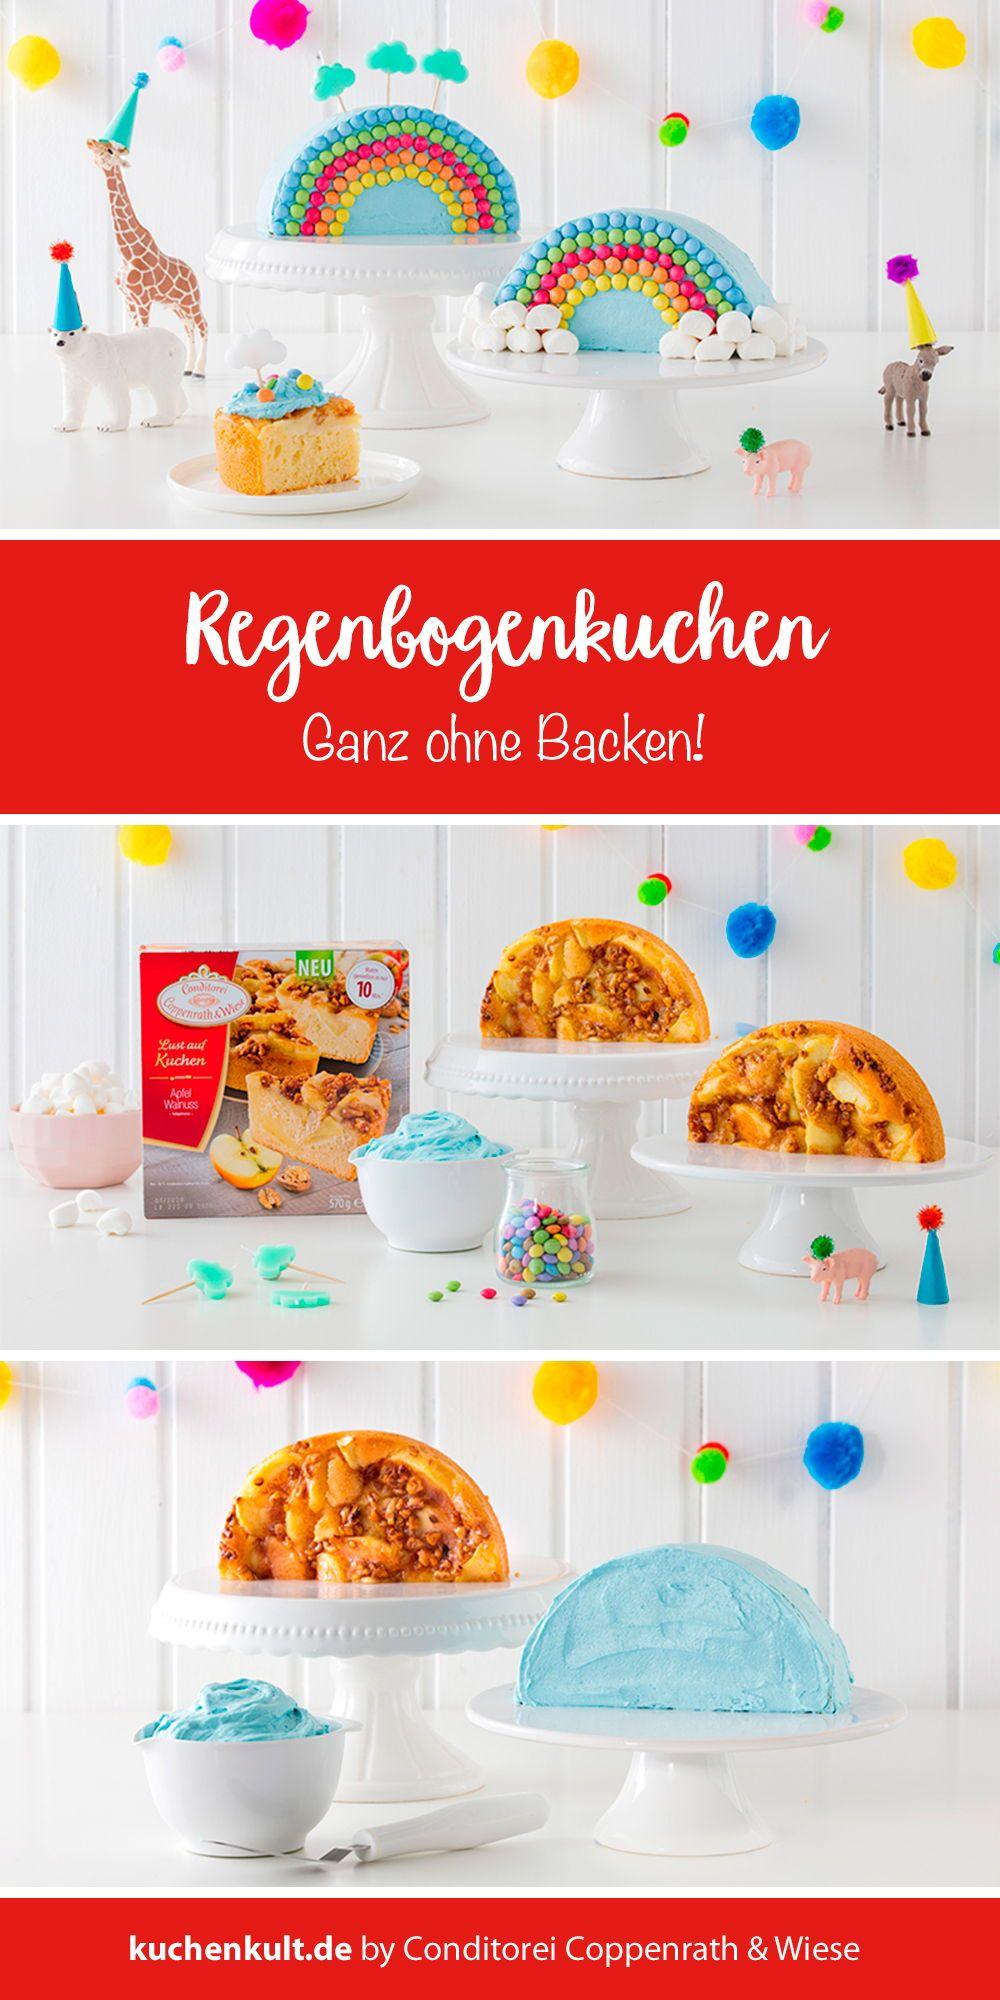 Regenbogenkuchen Zum Kindergeburtstag Kindergeburtstagstorte Kuchen Kindergeburtstag Geburtstag Kuchen Madchen